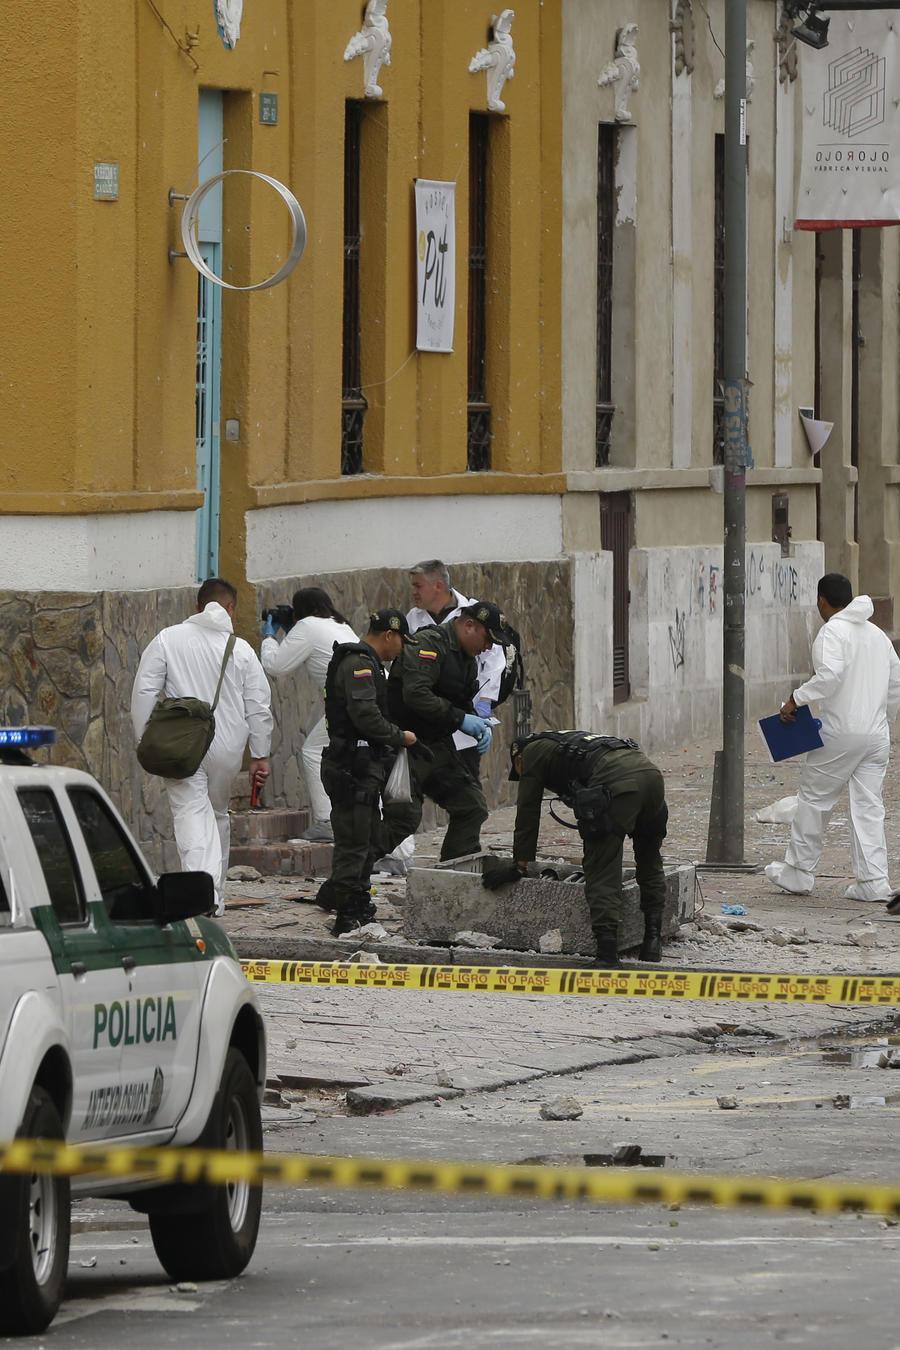 Investigadores colombianos examinan sitio de una explosión en Bogotá